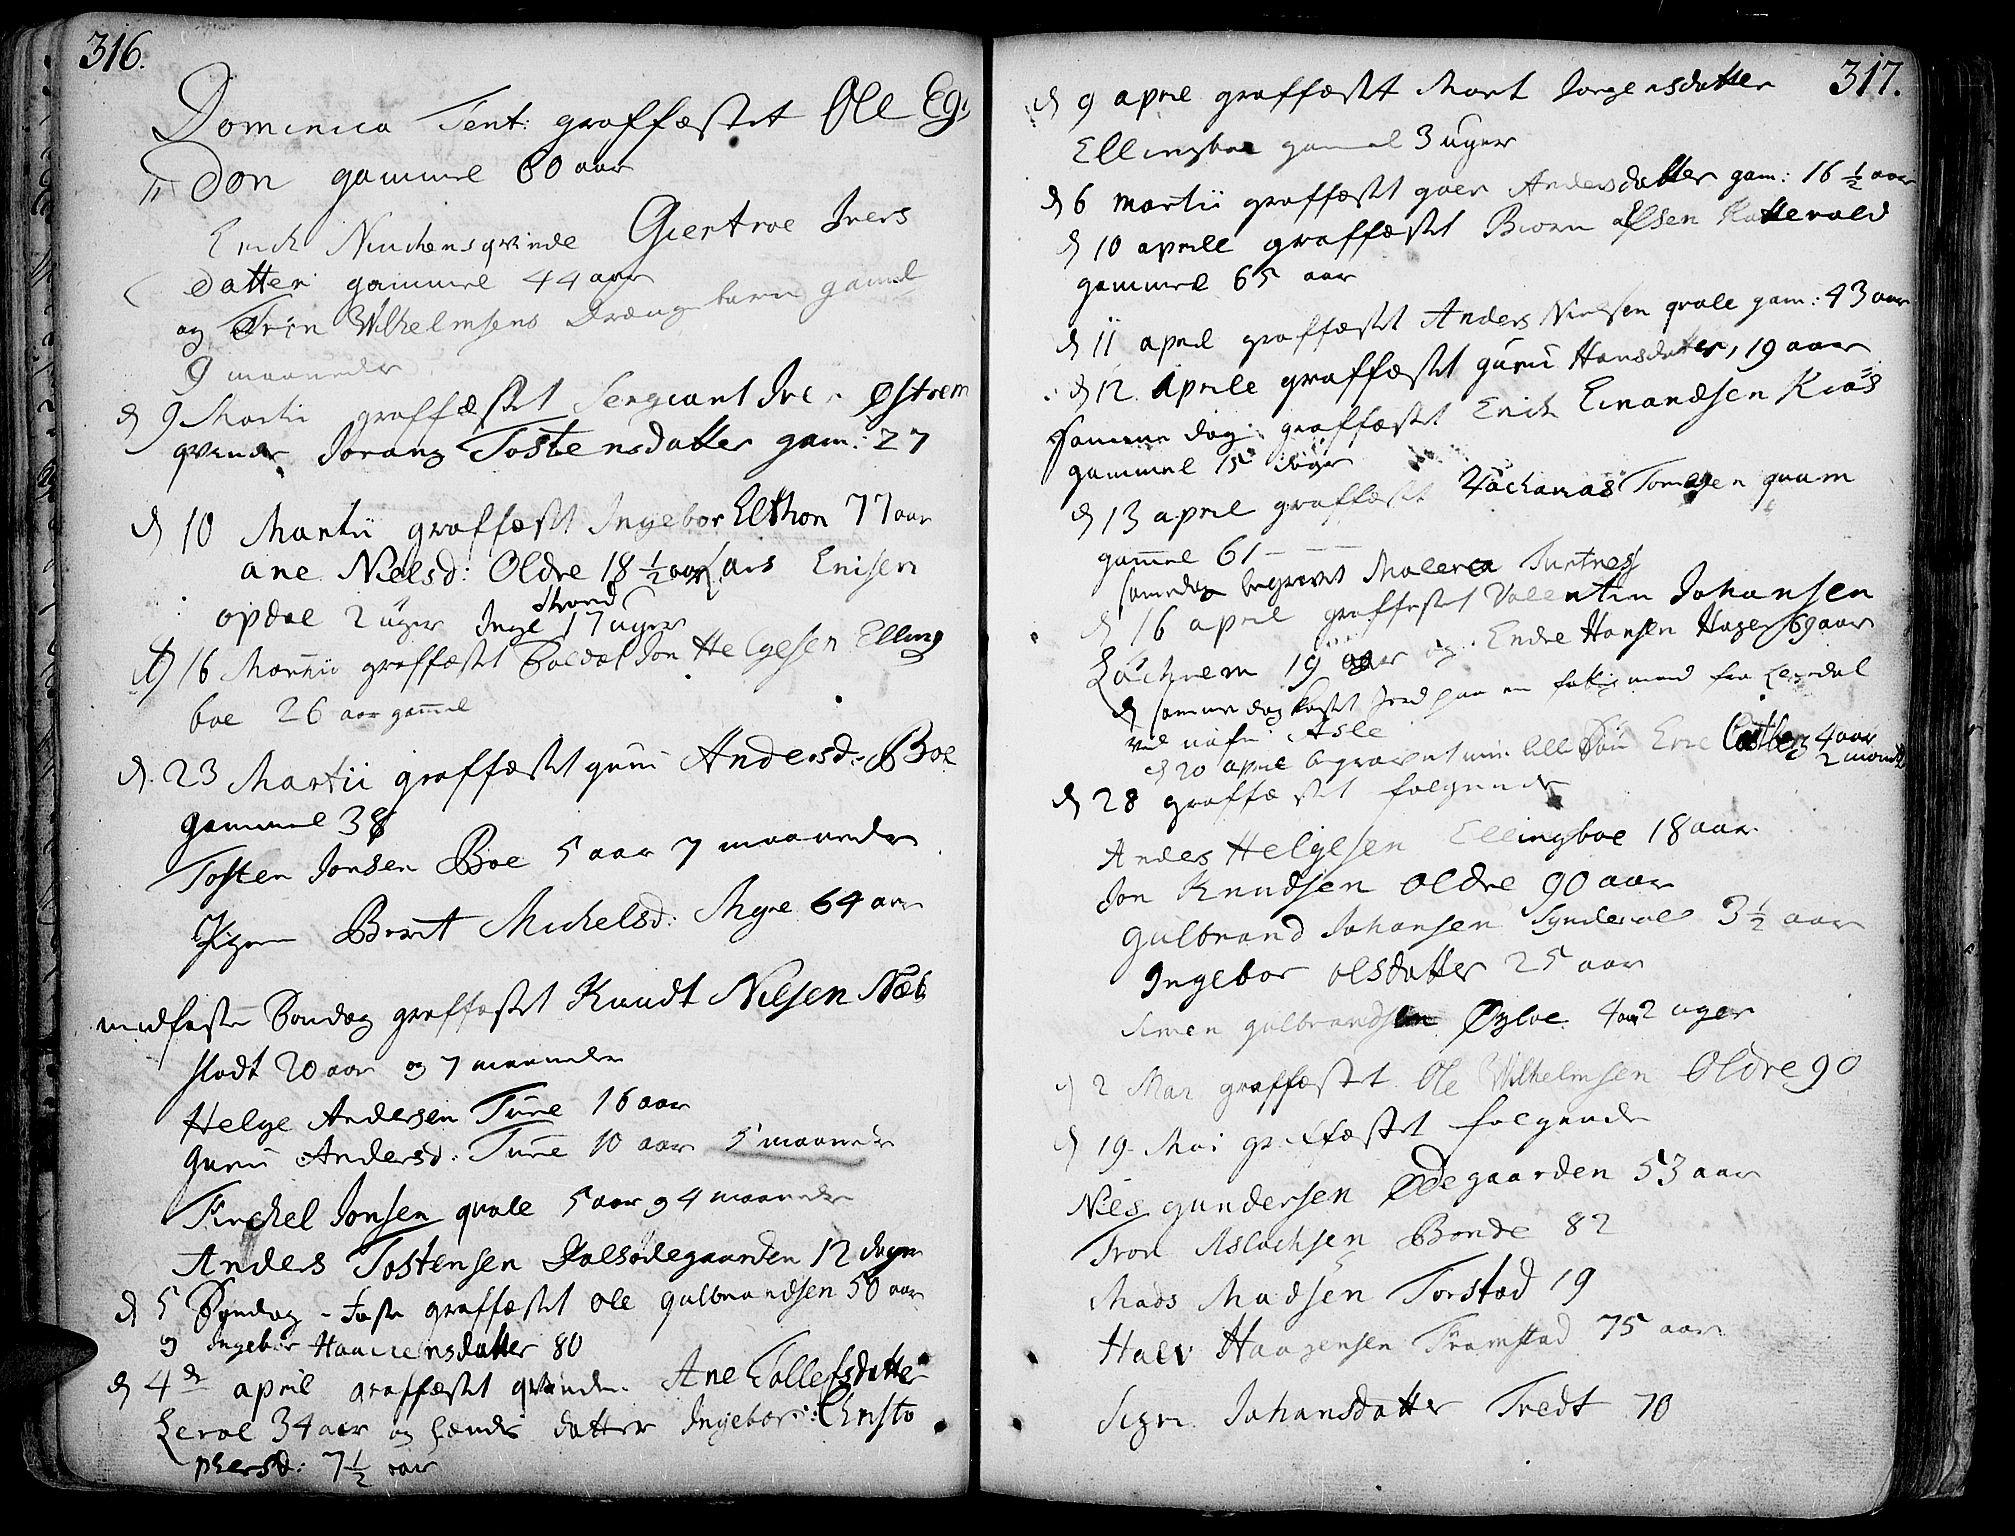 SAH, Vang prestekontor, Valdres, Ministerialbok nr. 1, 1730-1796, s. 316-317